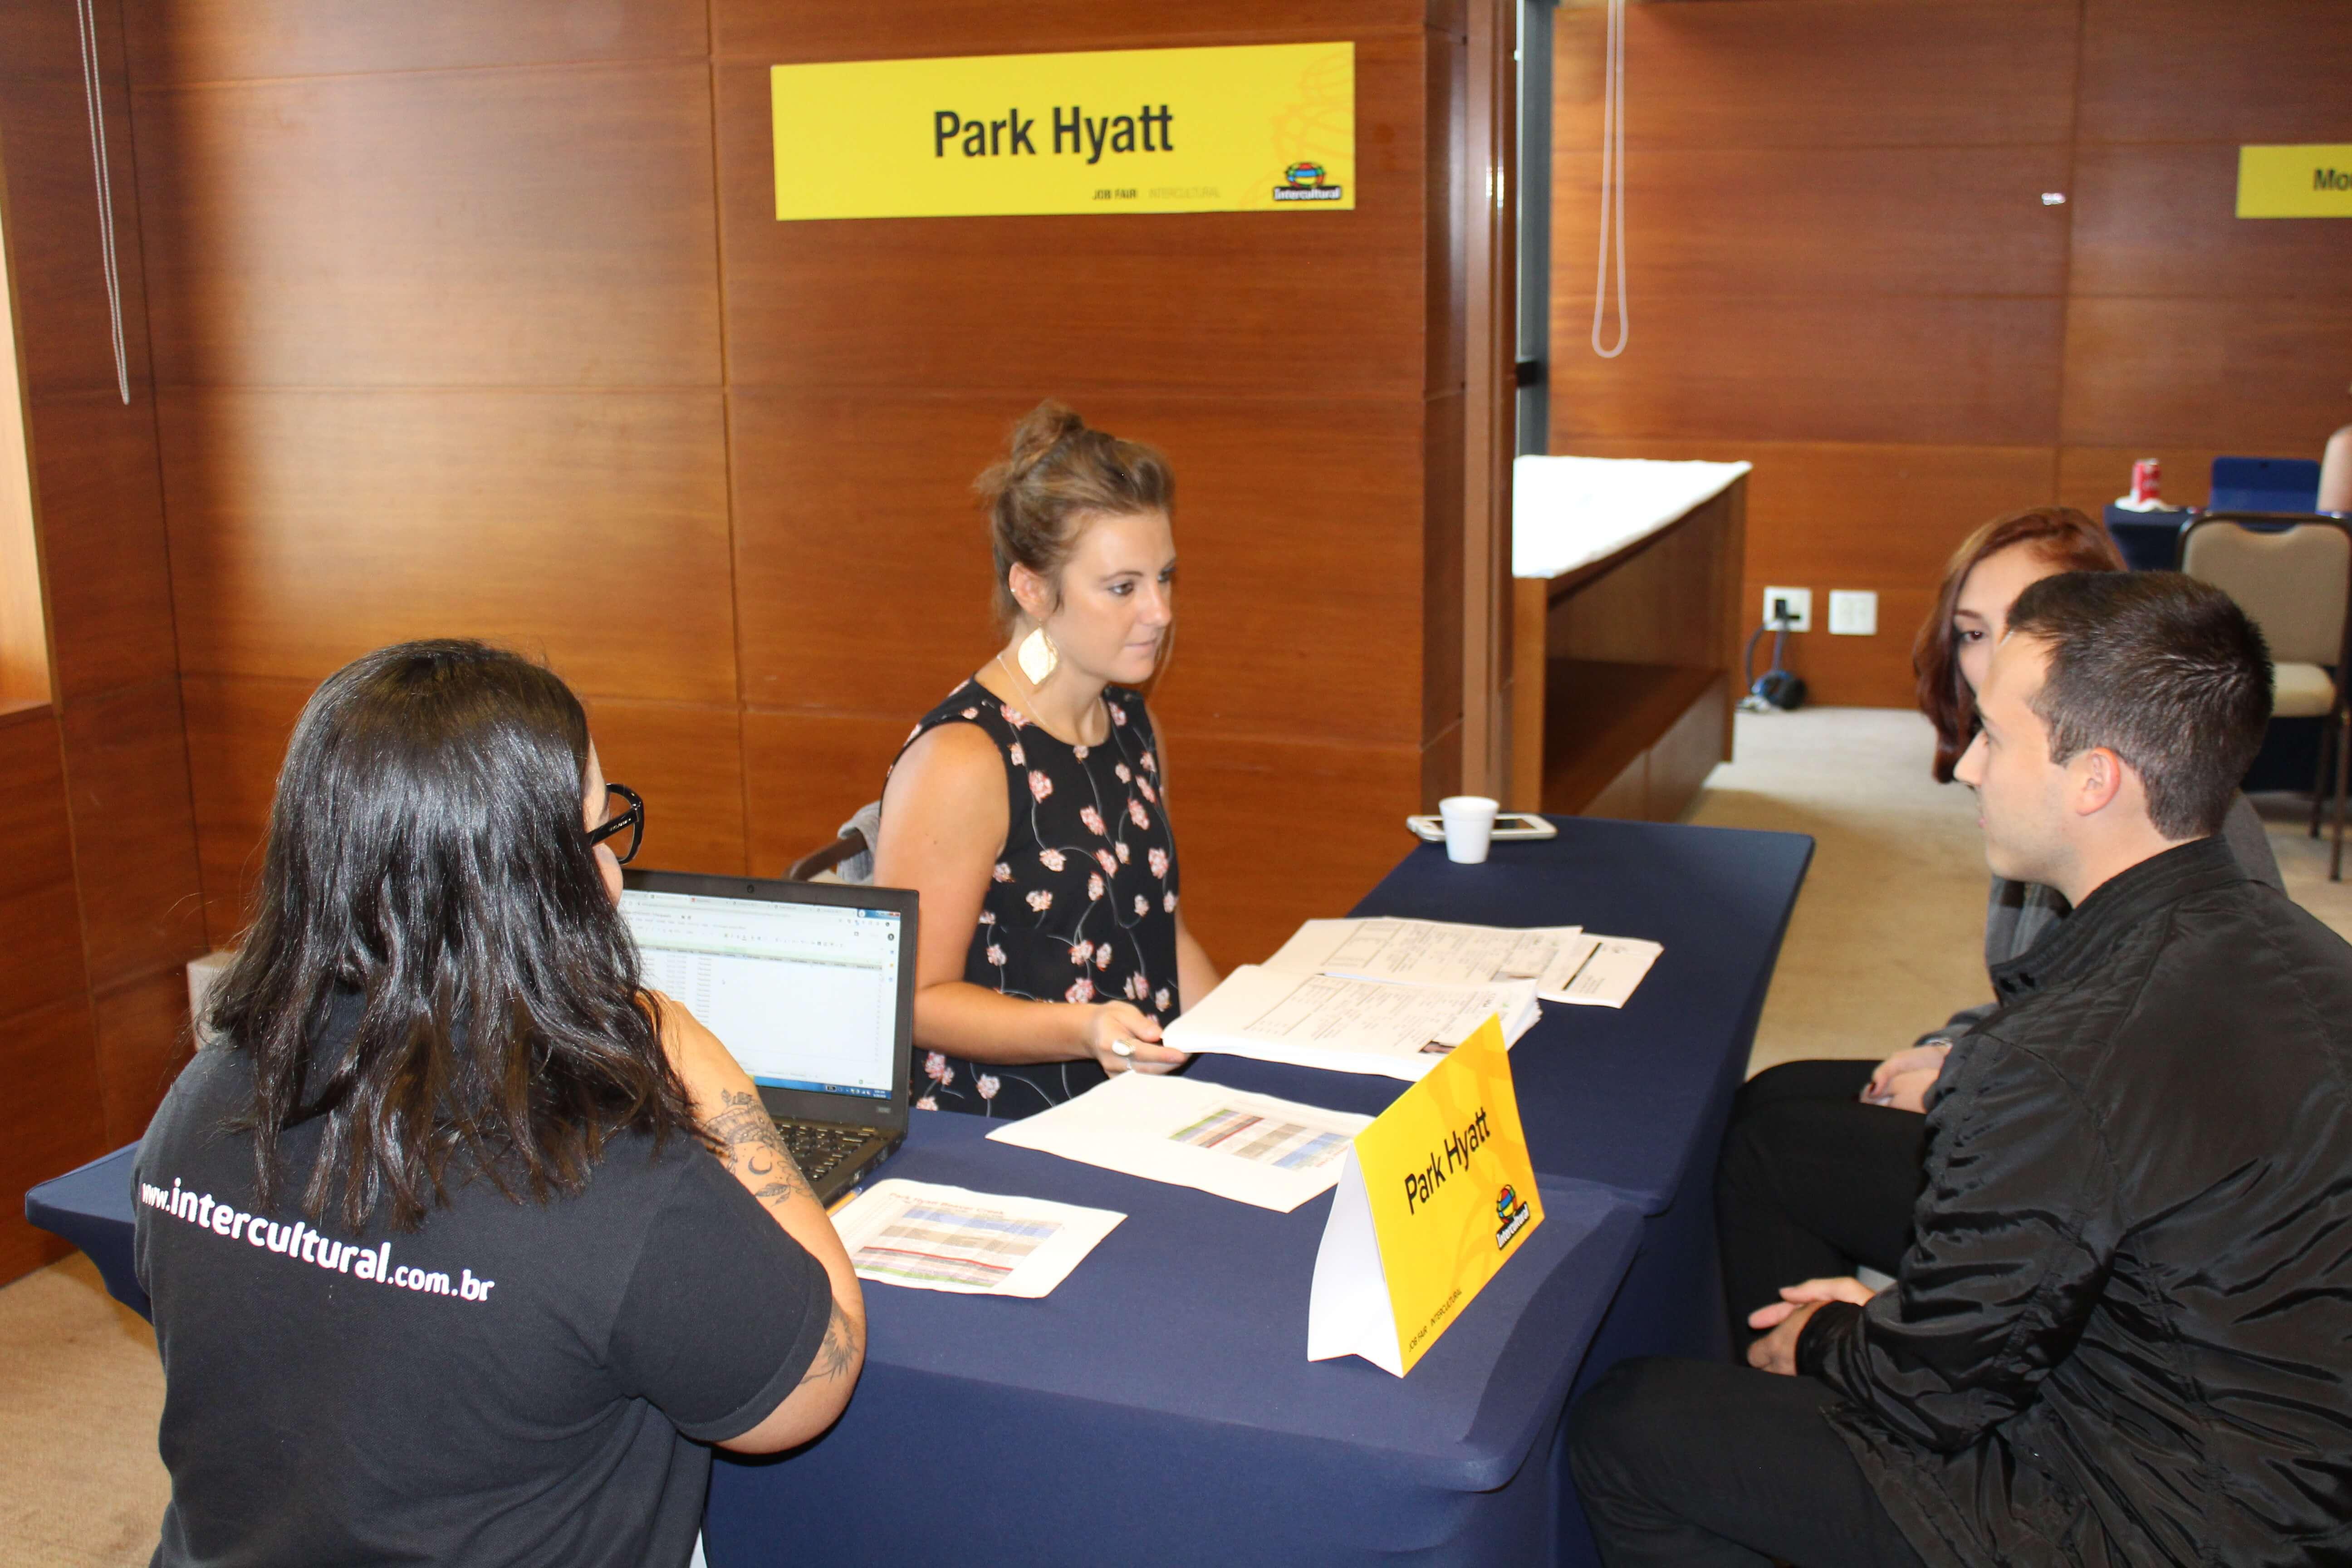 Entrevista do empregador Park Hyatt